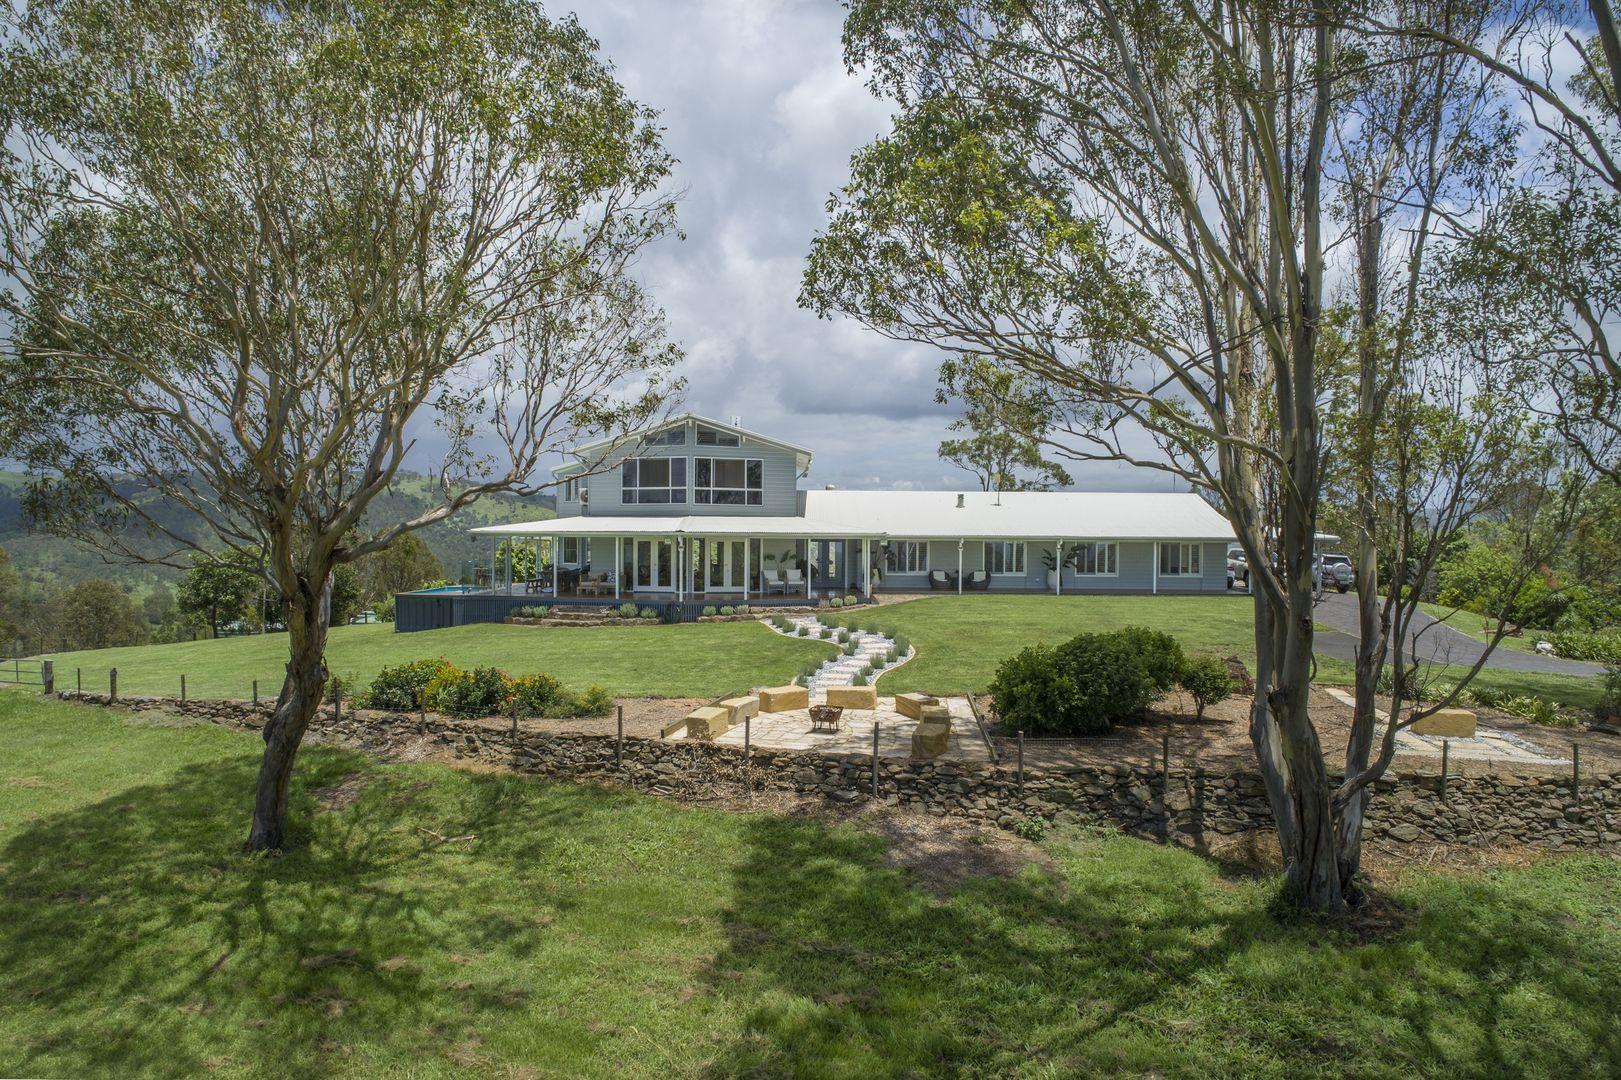 440 Delaney Creek Road, Delaneys Creek QLD 4514, Image 1